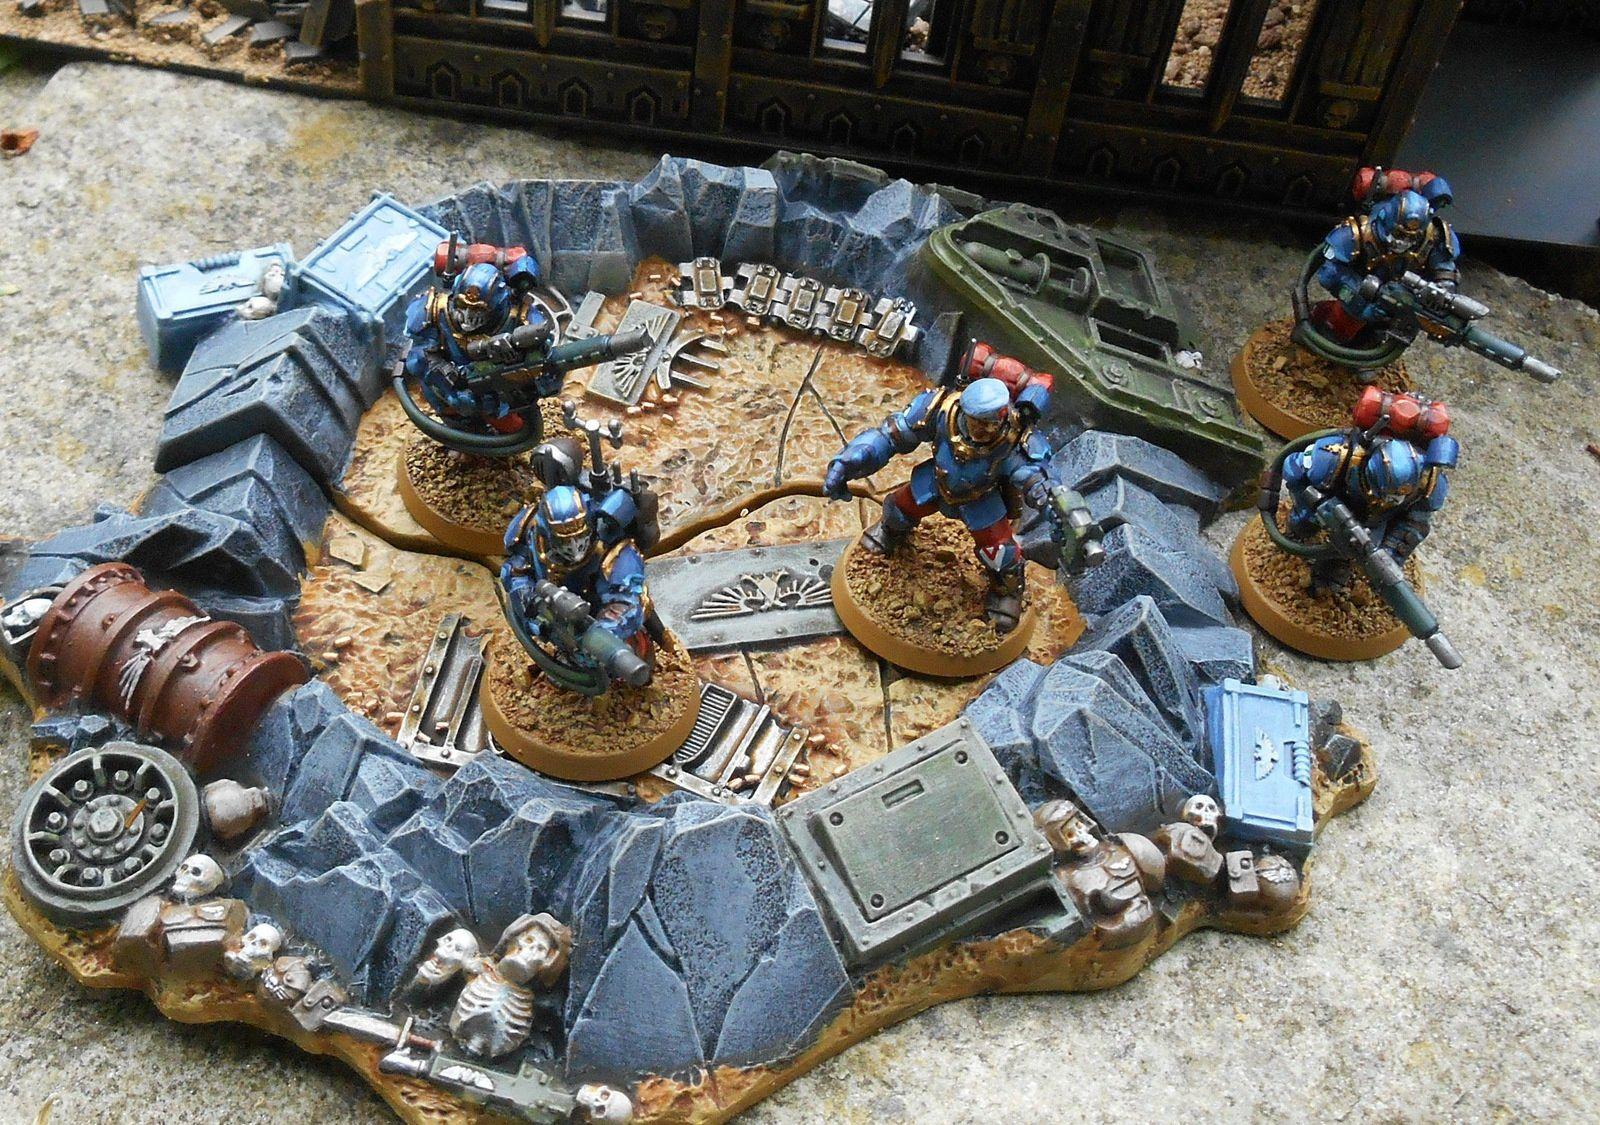 Militarum Tempestus Scions and Taurox Prime